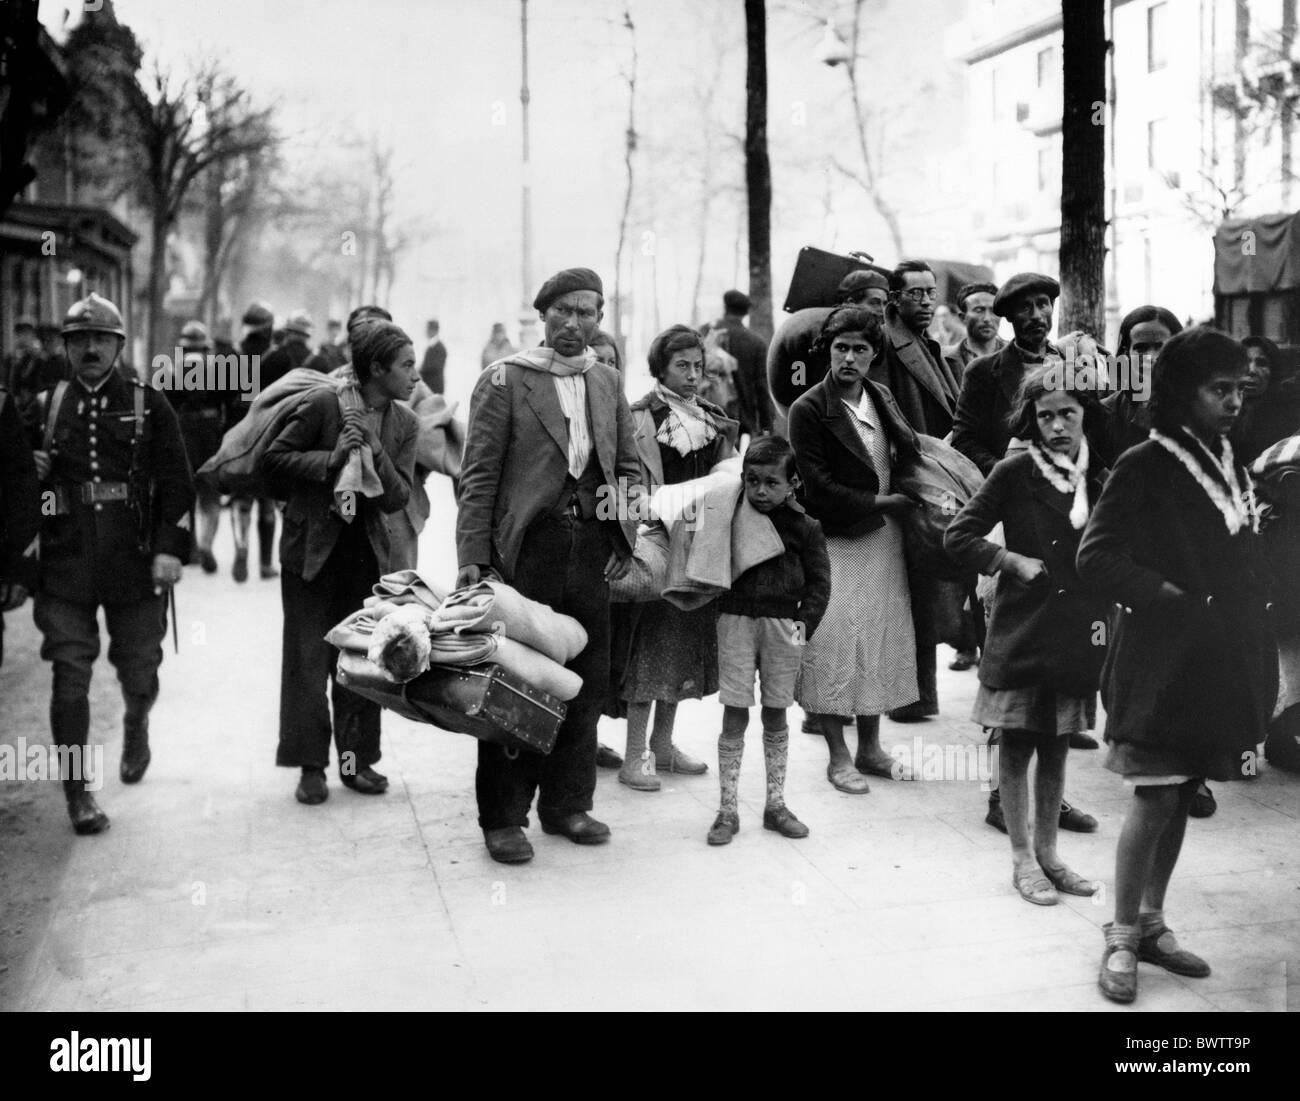 Spagna europa Guerra Civile Spagnola rifugiato storico cronologia storica Luchon Francia Europa 1938 populati civile Immagini Stock